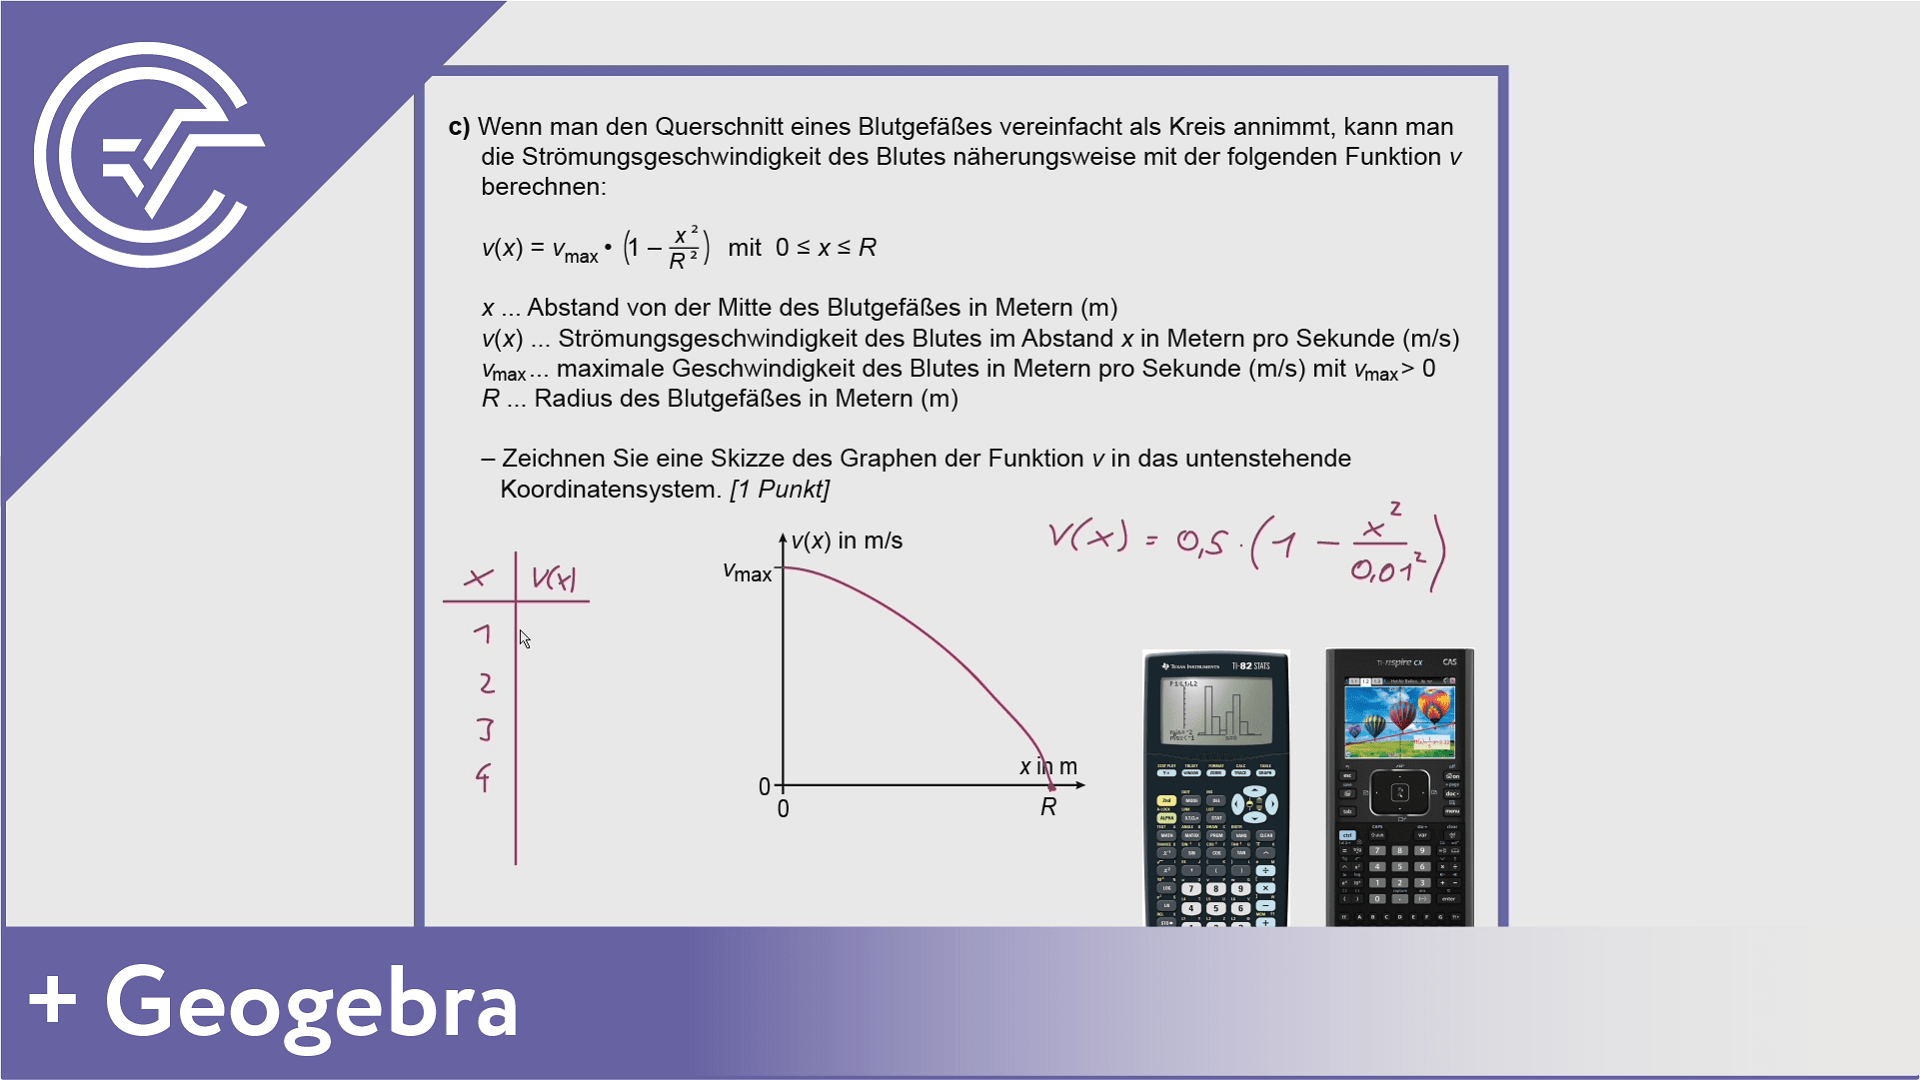 BHS Zentralmatura Aufgabe 4c - Funktionen zeichnen